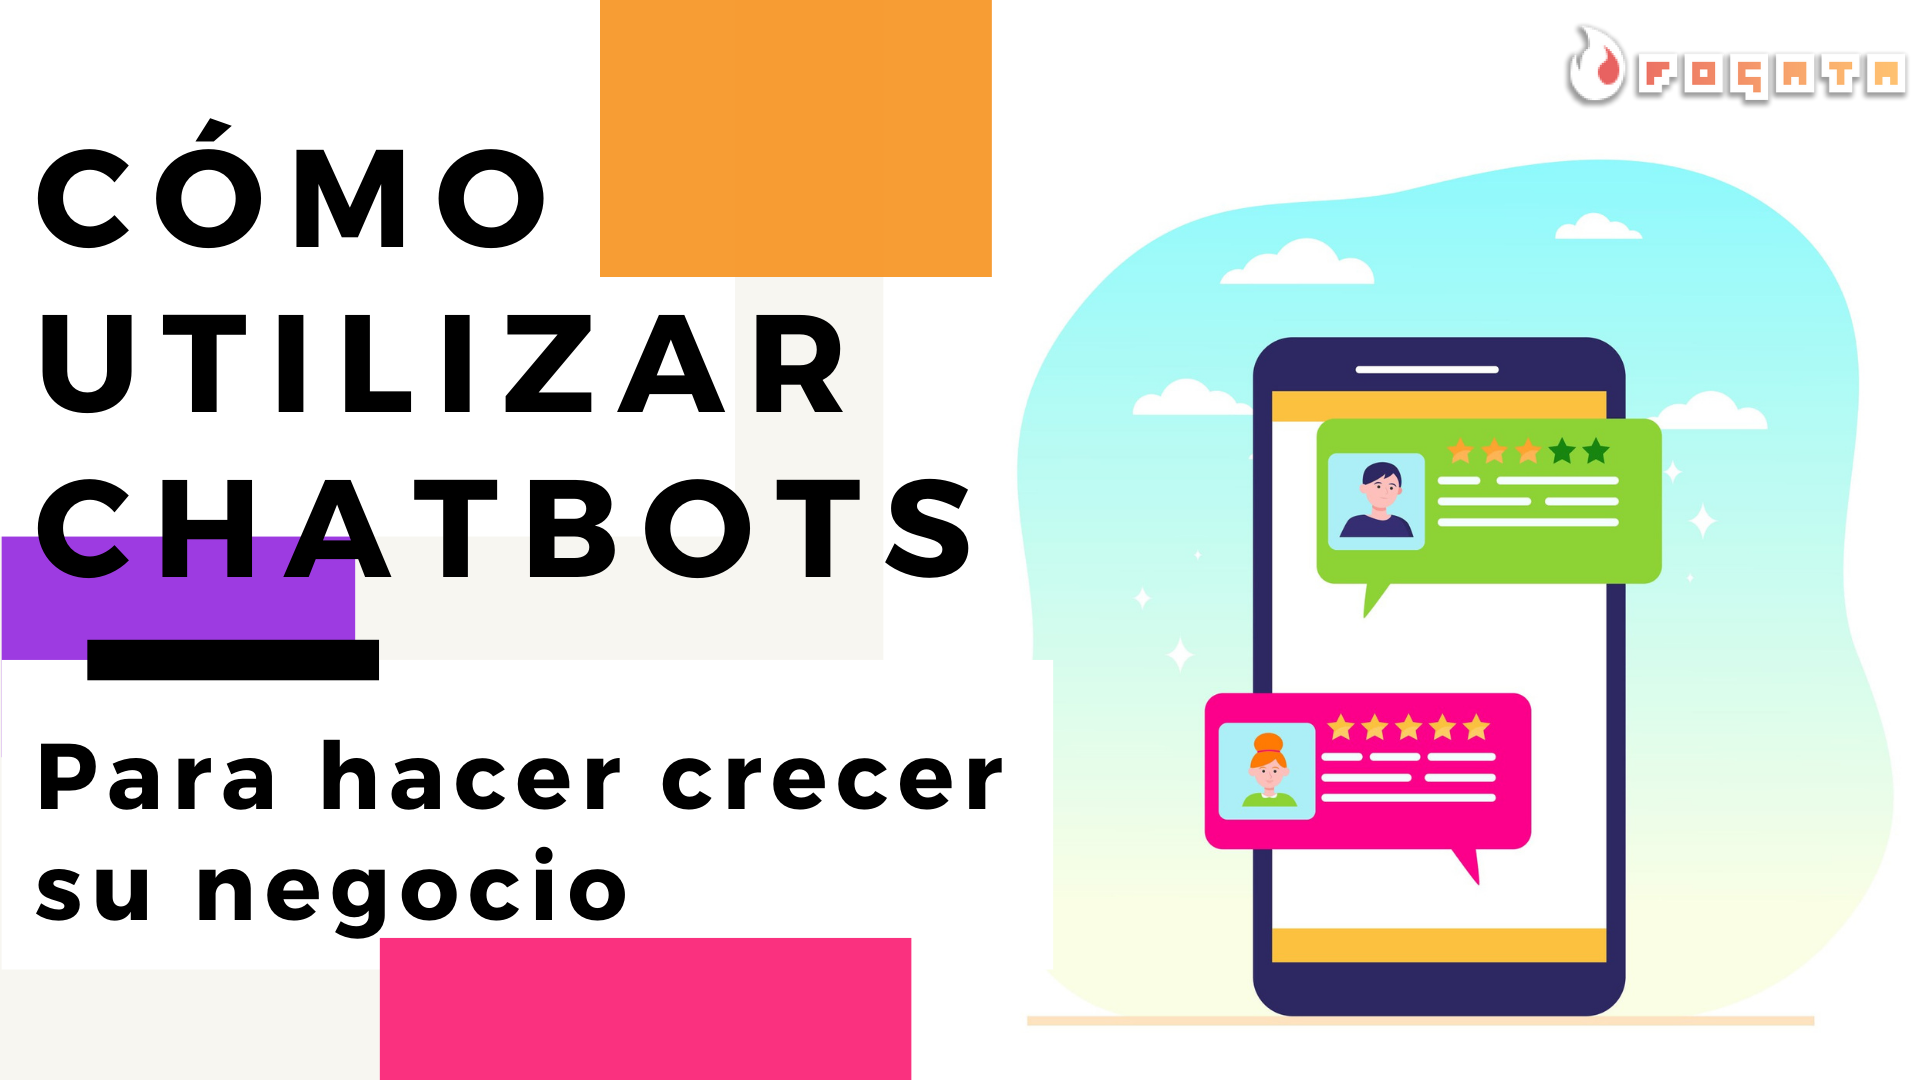 Cómo utilizar chatbots para hacer crecer su negocio - Fogata Bots Latam - Noticias Bot